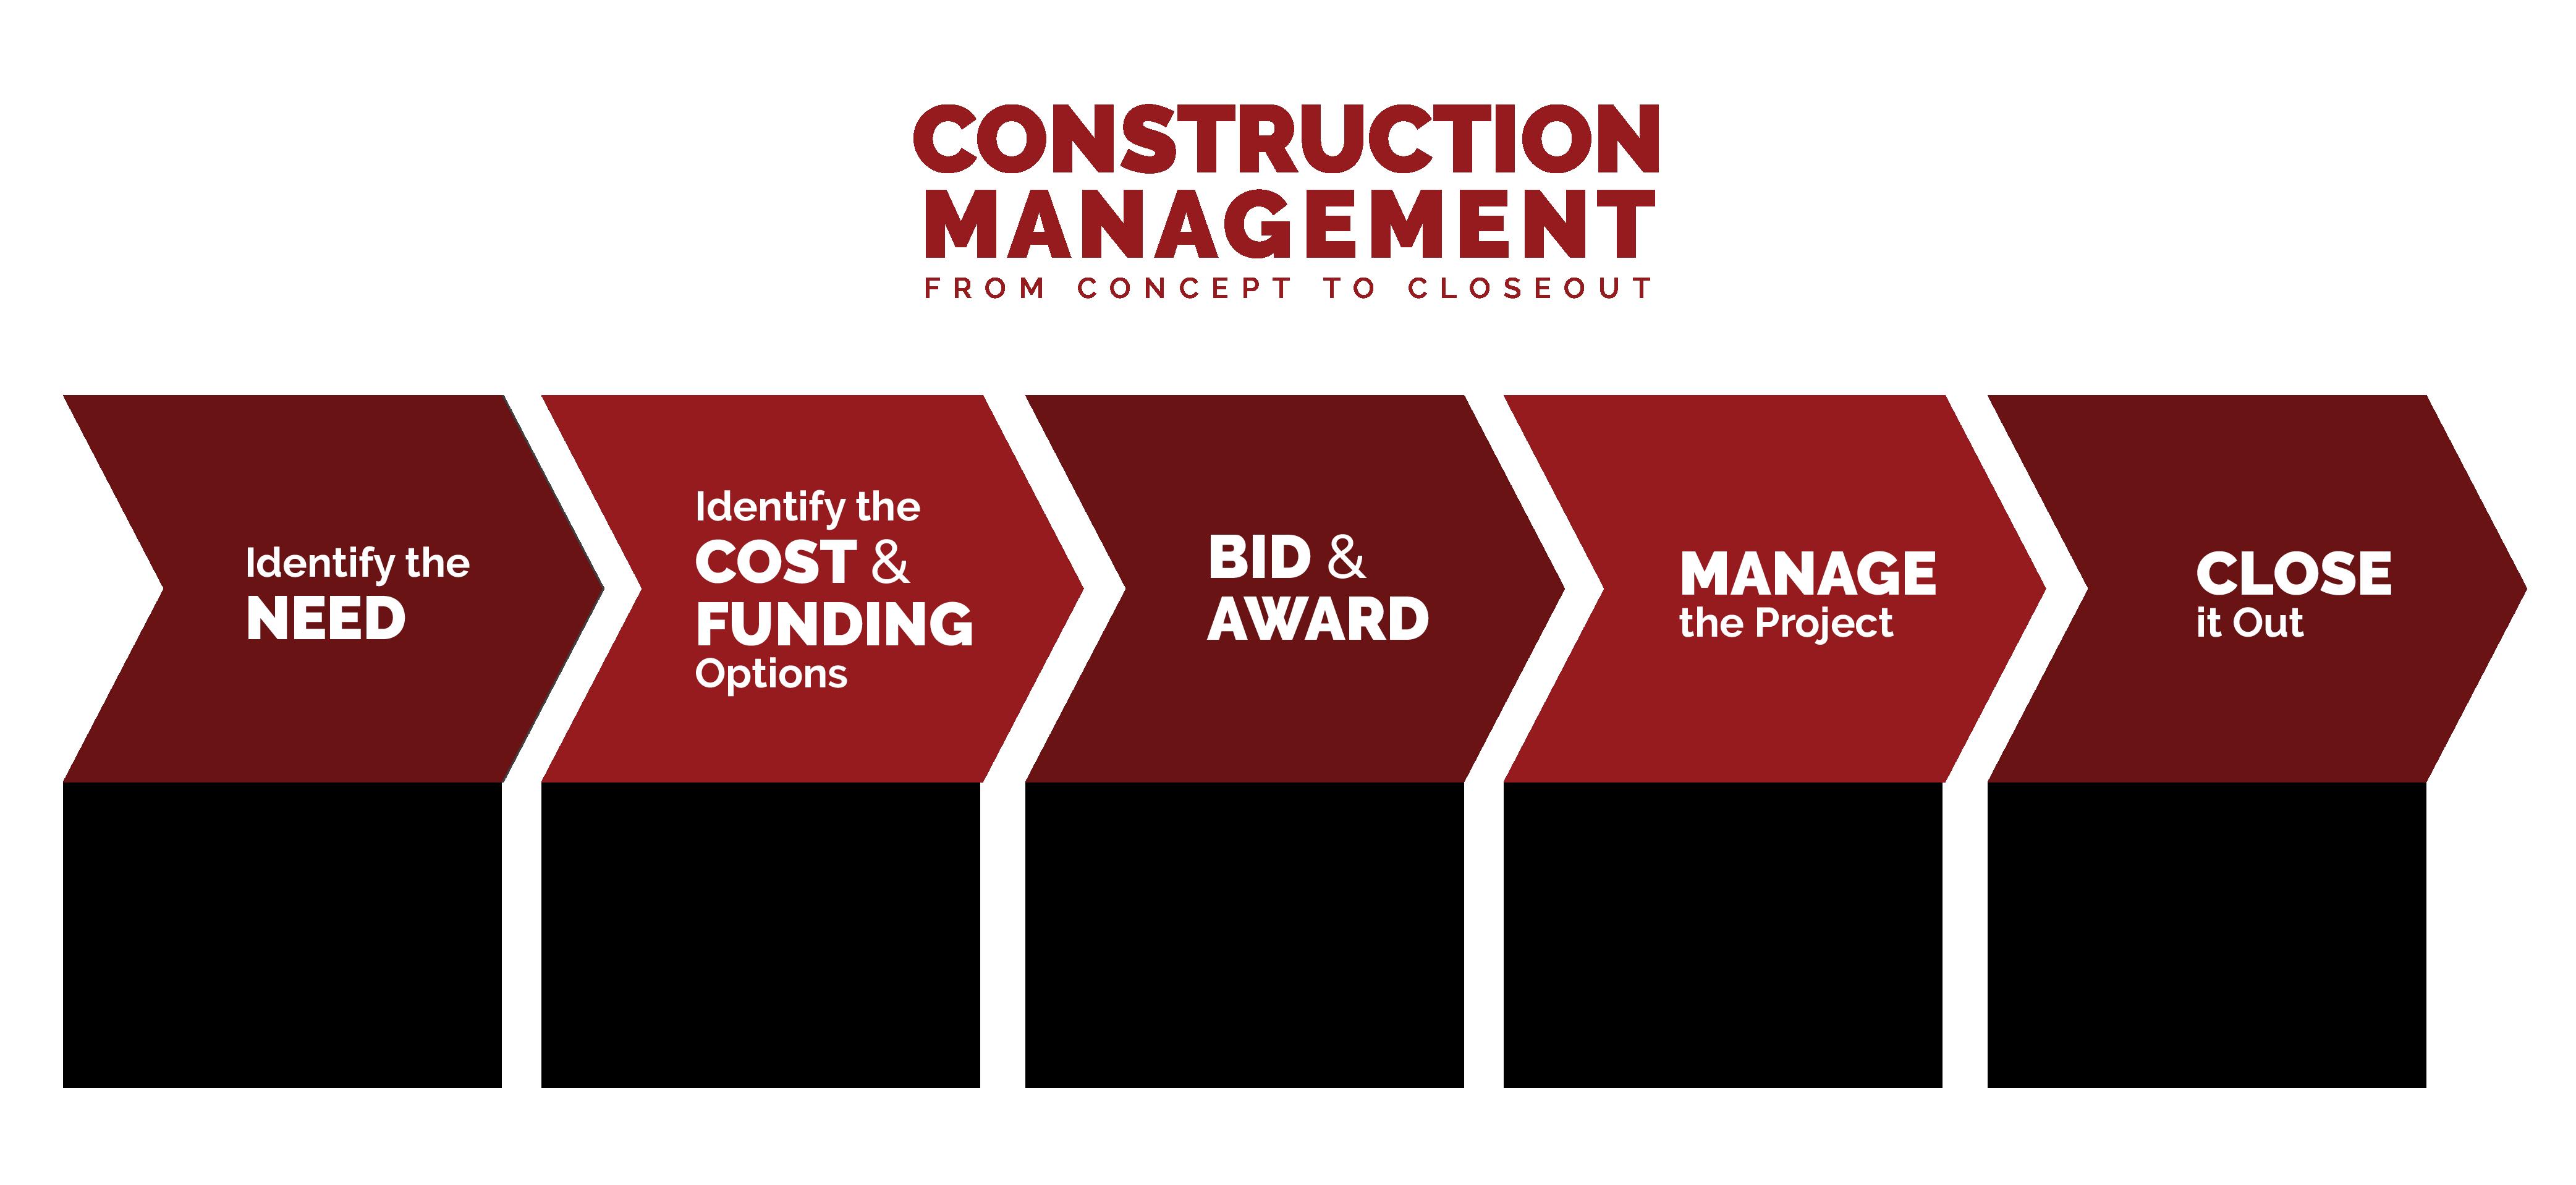 Construction-management-concept-closeout-01